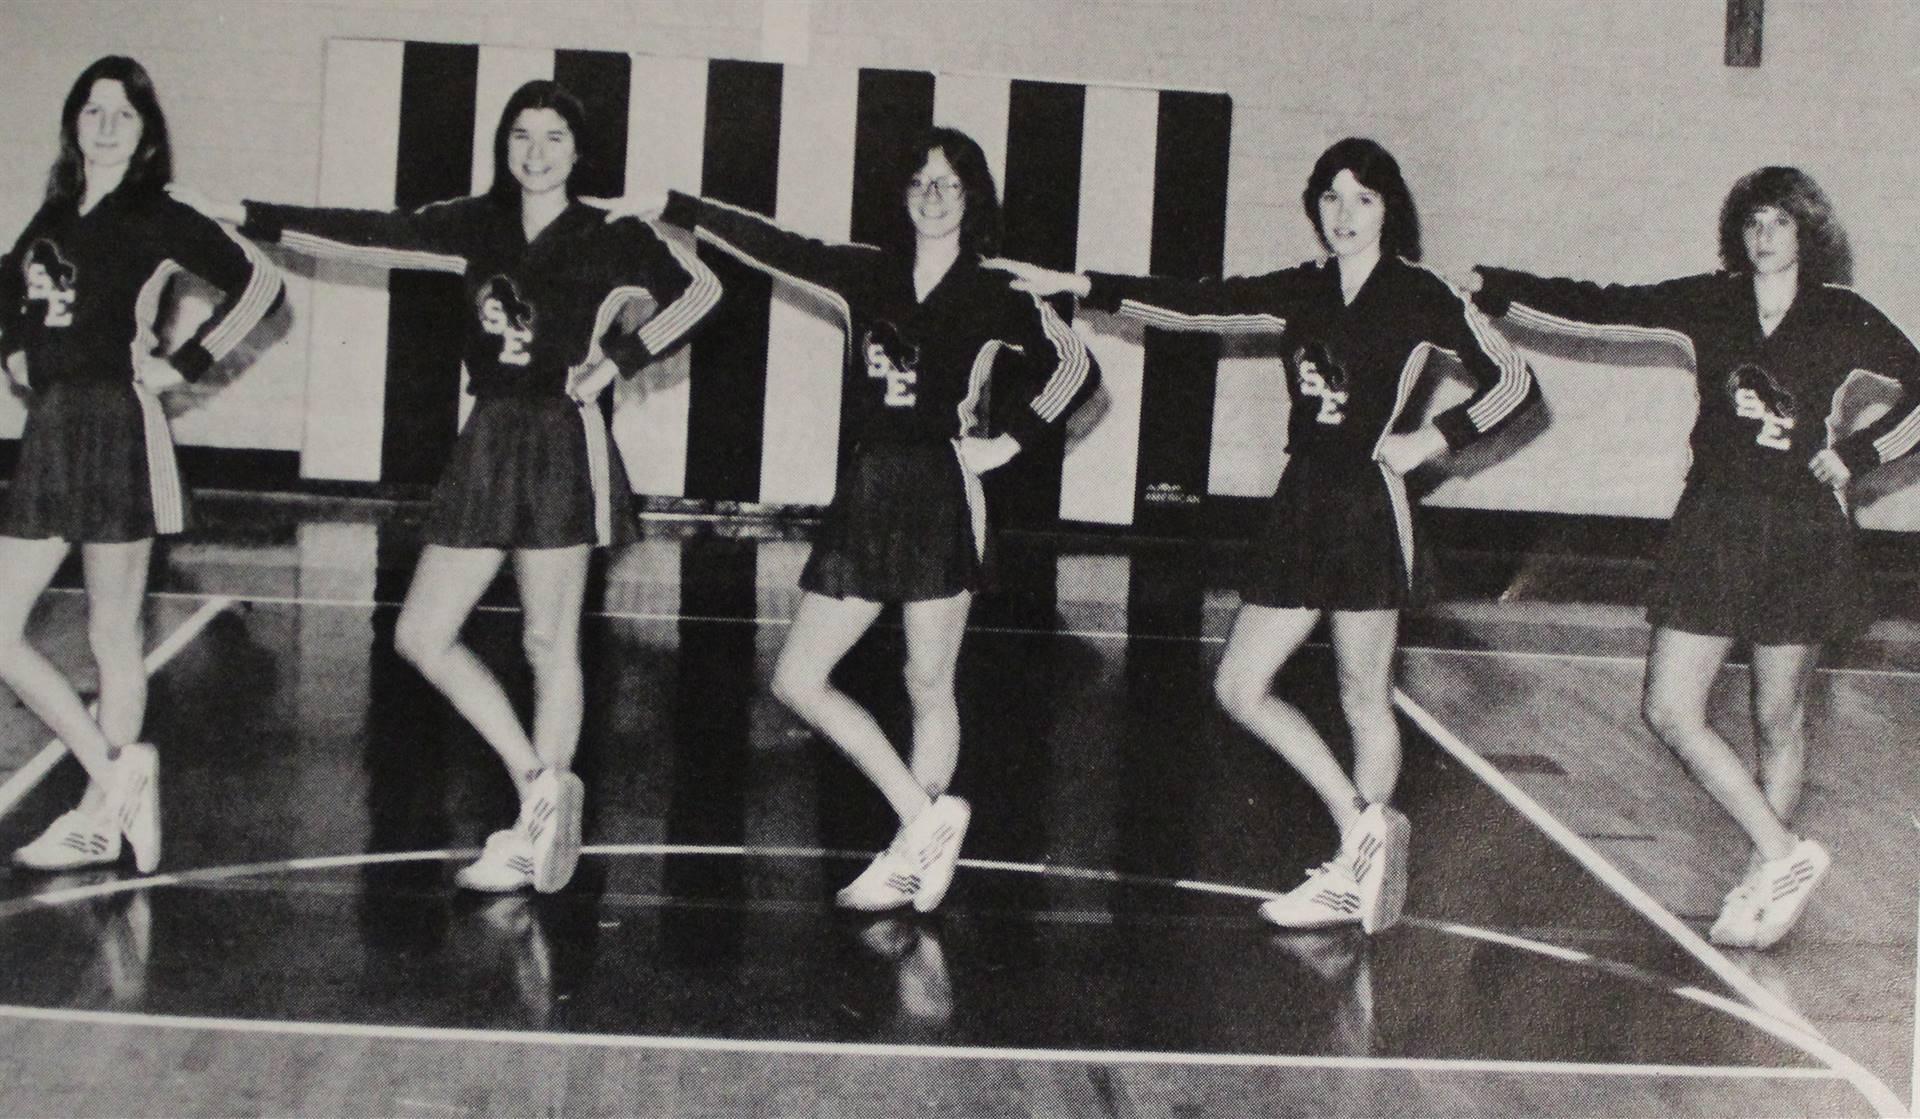 1979 Cheerleaders